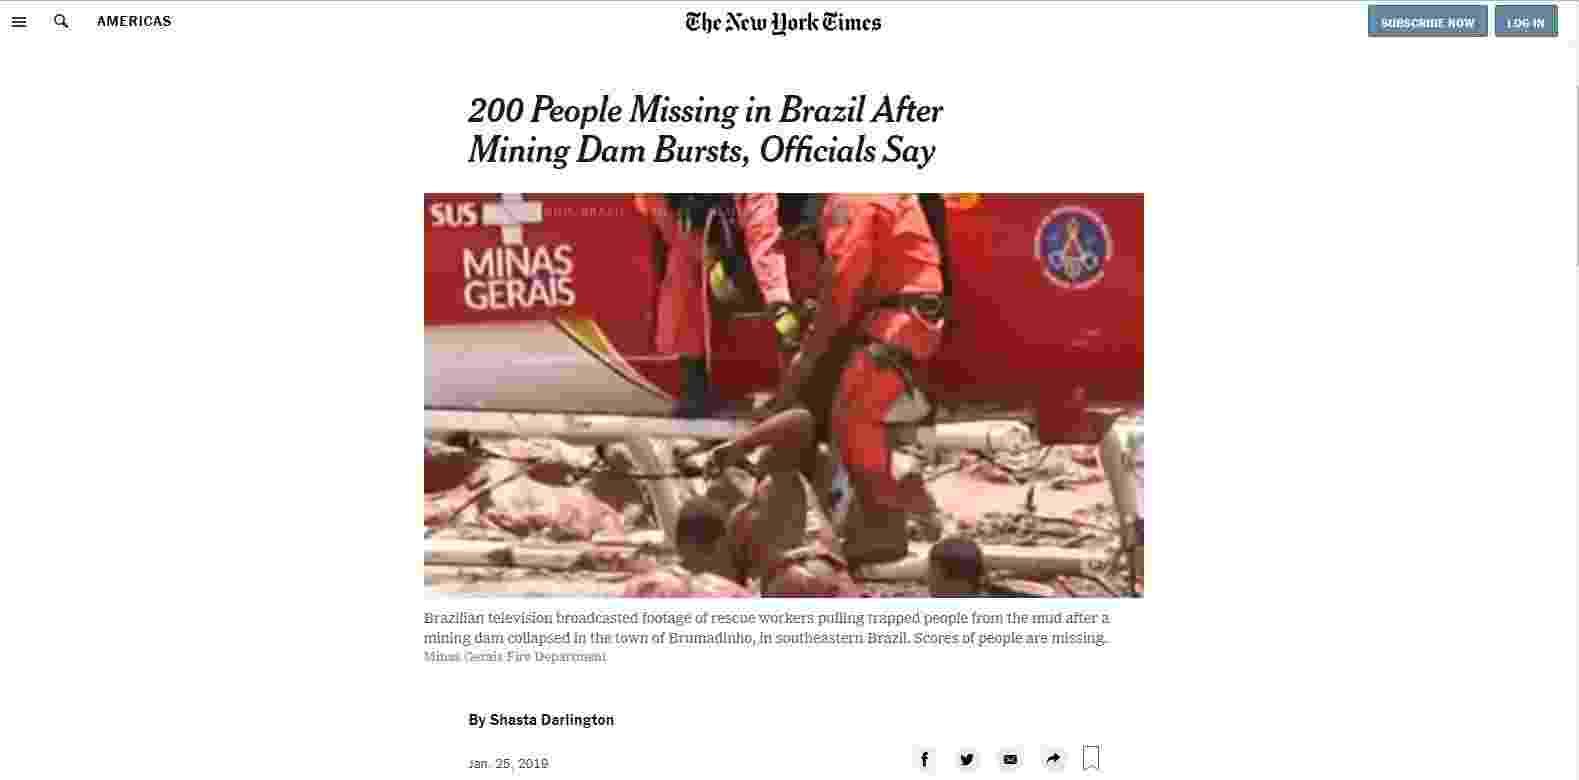 Desastre em Brumadinho ganha destaque em páginas de veículos internacionais - Reprodução/nyt.com